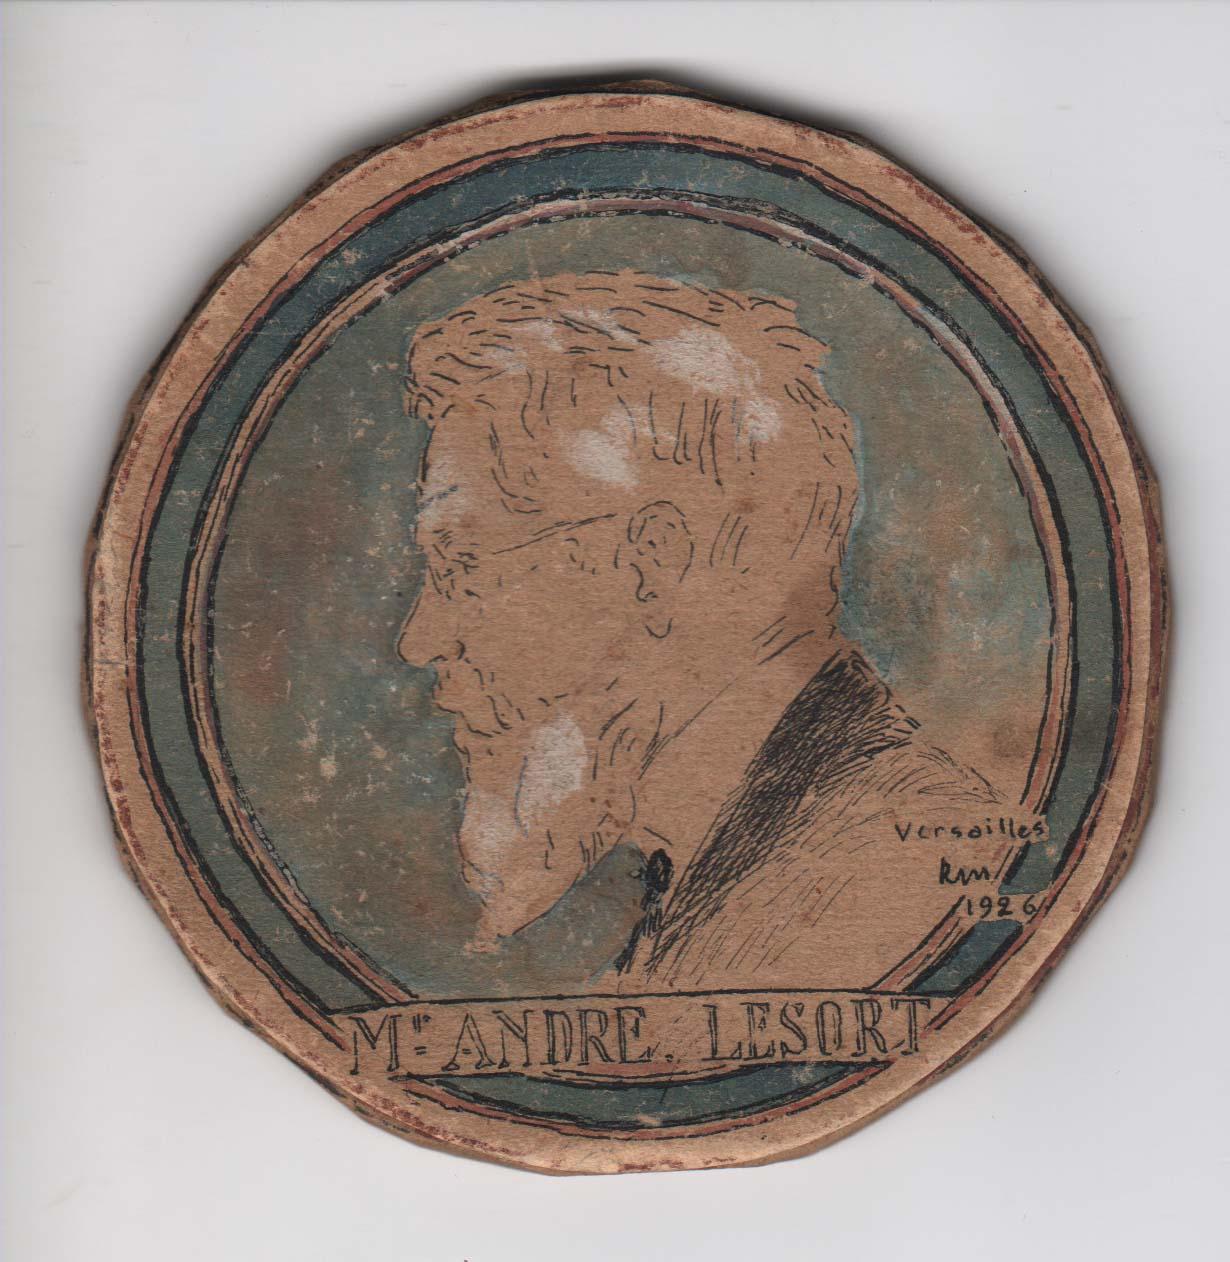 Famille lesort madelin dessin de grand p re 1926 - Dessin grand pere ...